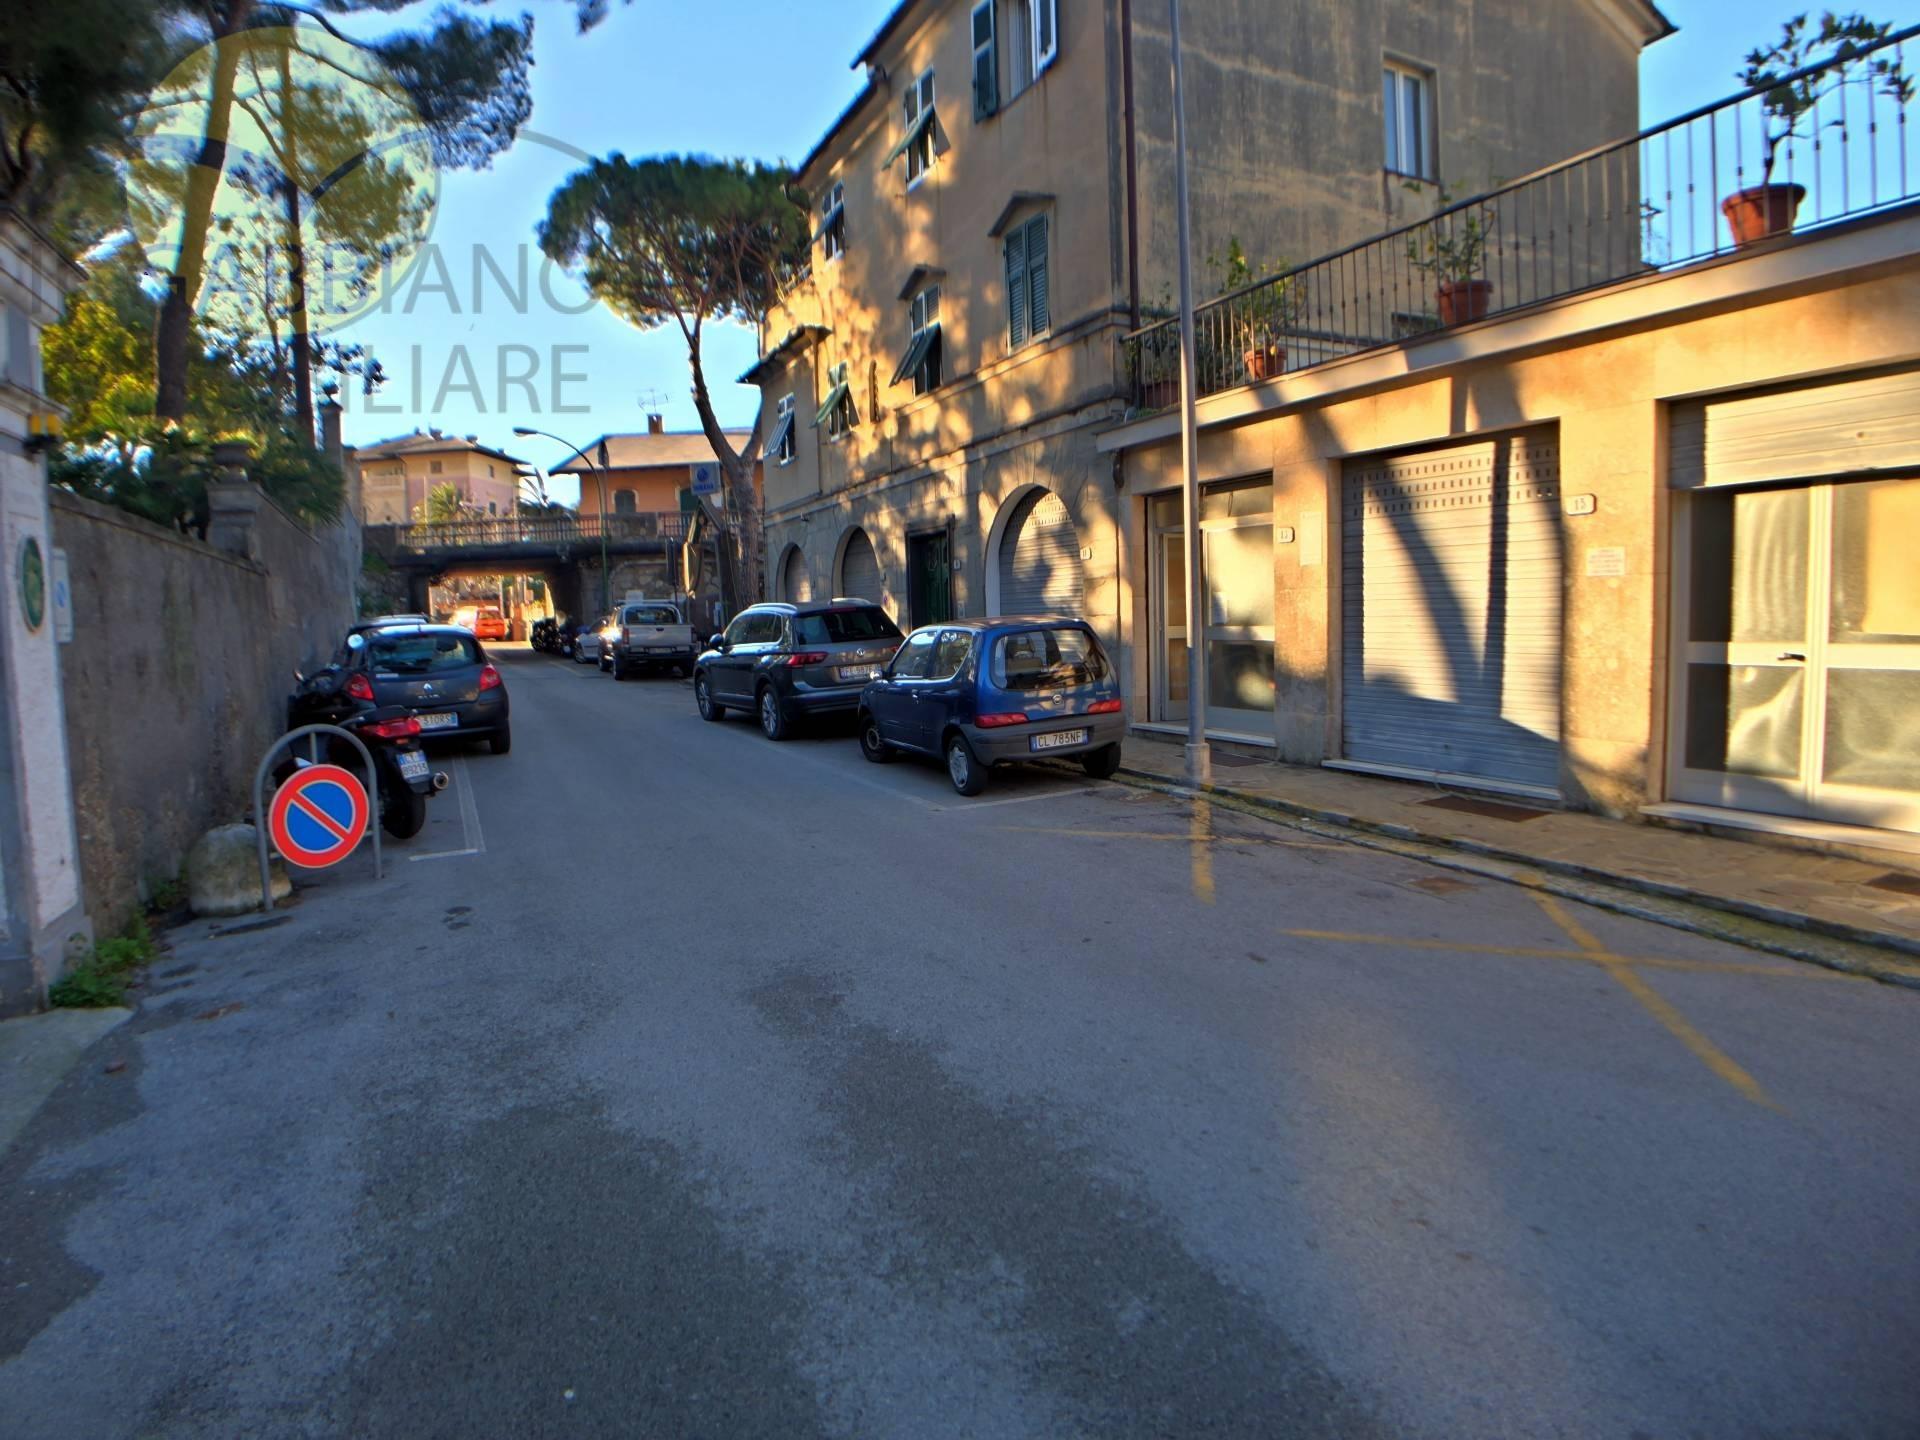 Ufficio / Studio in affitto a Recco, 9999 locali, zona Località: Mulinetti, prezzo € 350 | CambioCasa.it